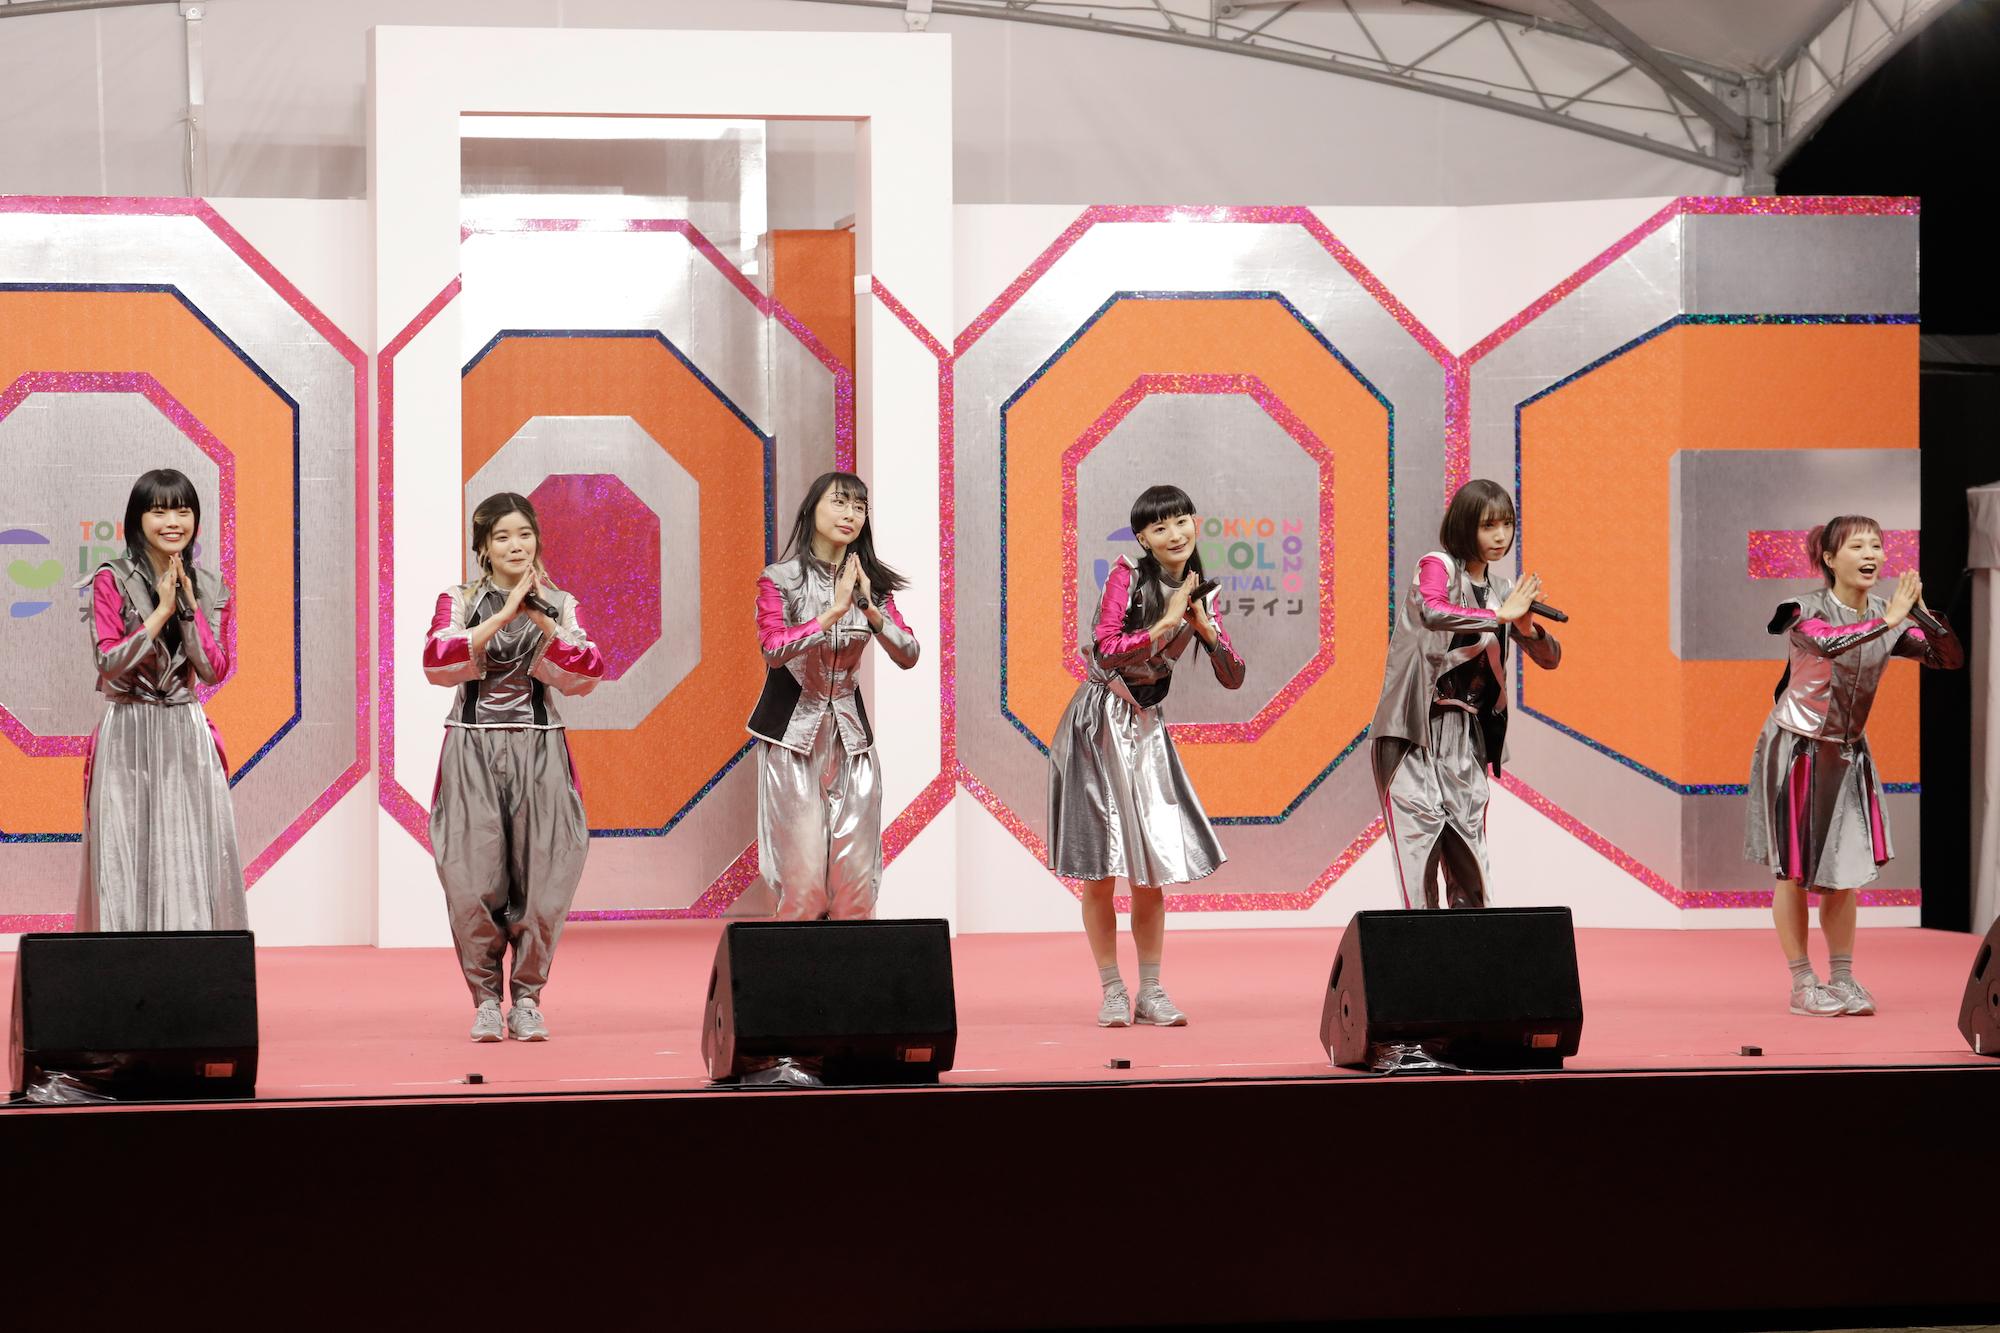 アイナ・ジ・エンド、セントチヒロ・チッチ、ハシヤスメ・アツコ、リンリン、アユニ・D 、モモコグミカンパニー BiSH/TOKYO IDOL FESTIVAL オンライン 2020にて/撮影:ACTRESS PRESS編集部(2020年10月)